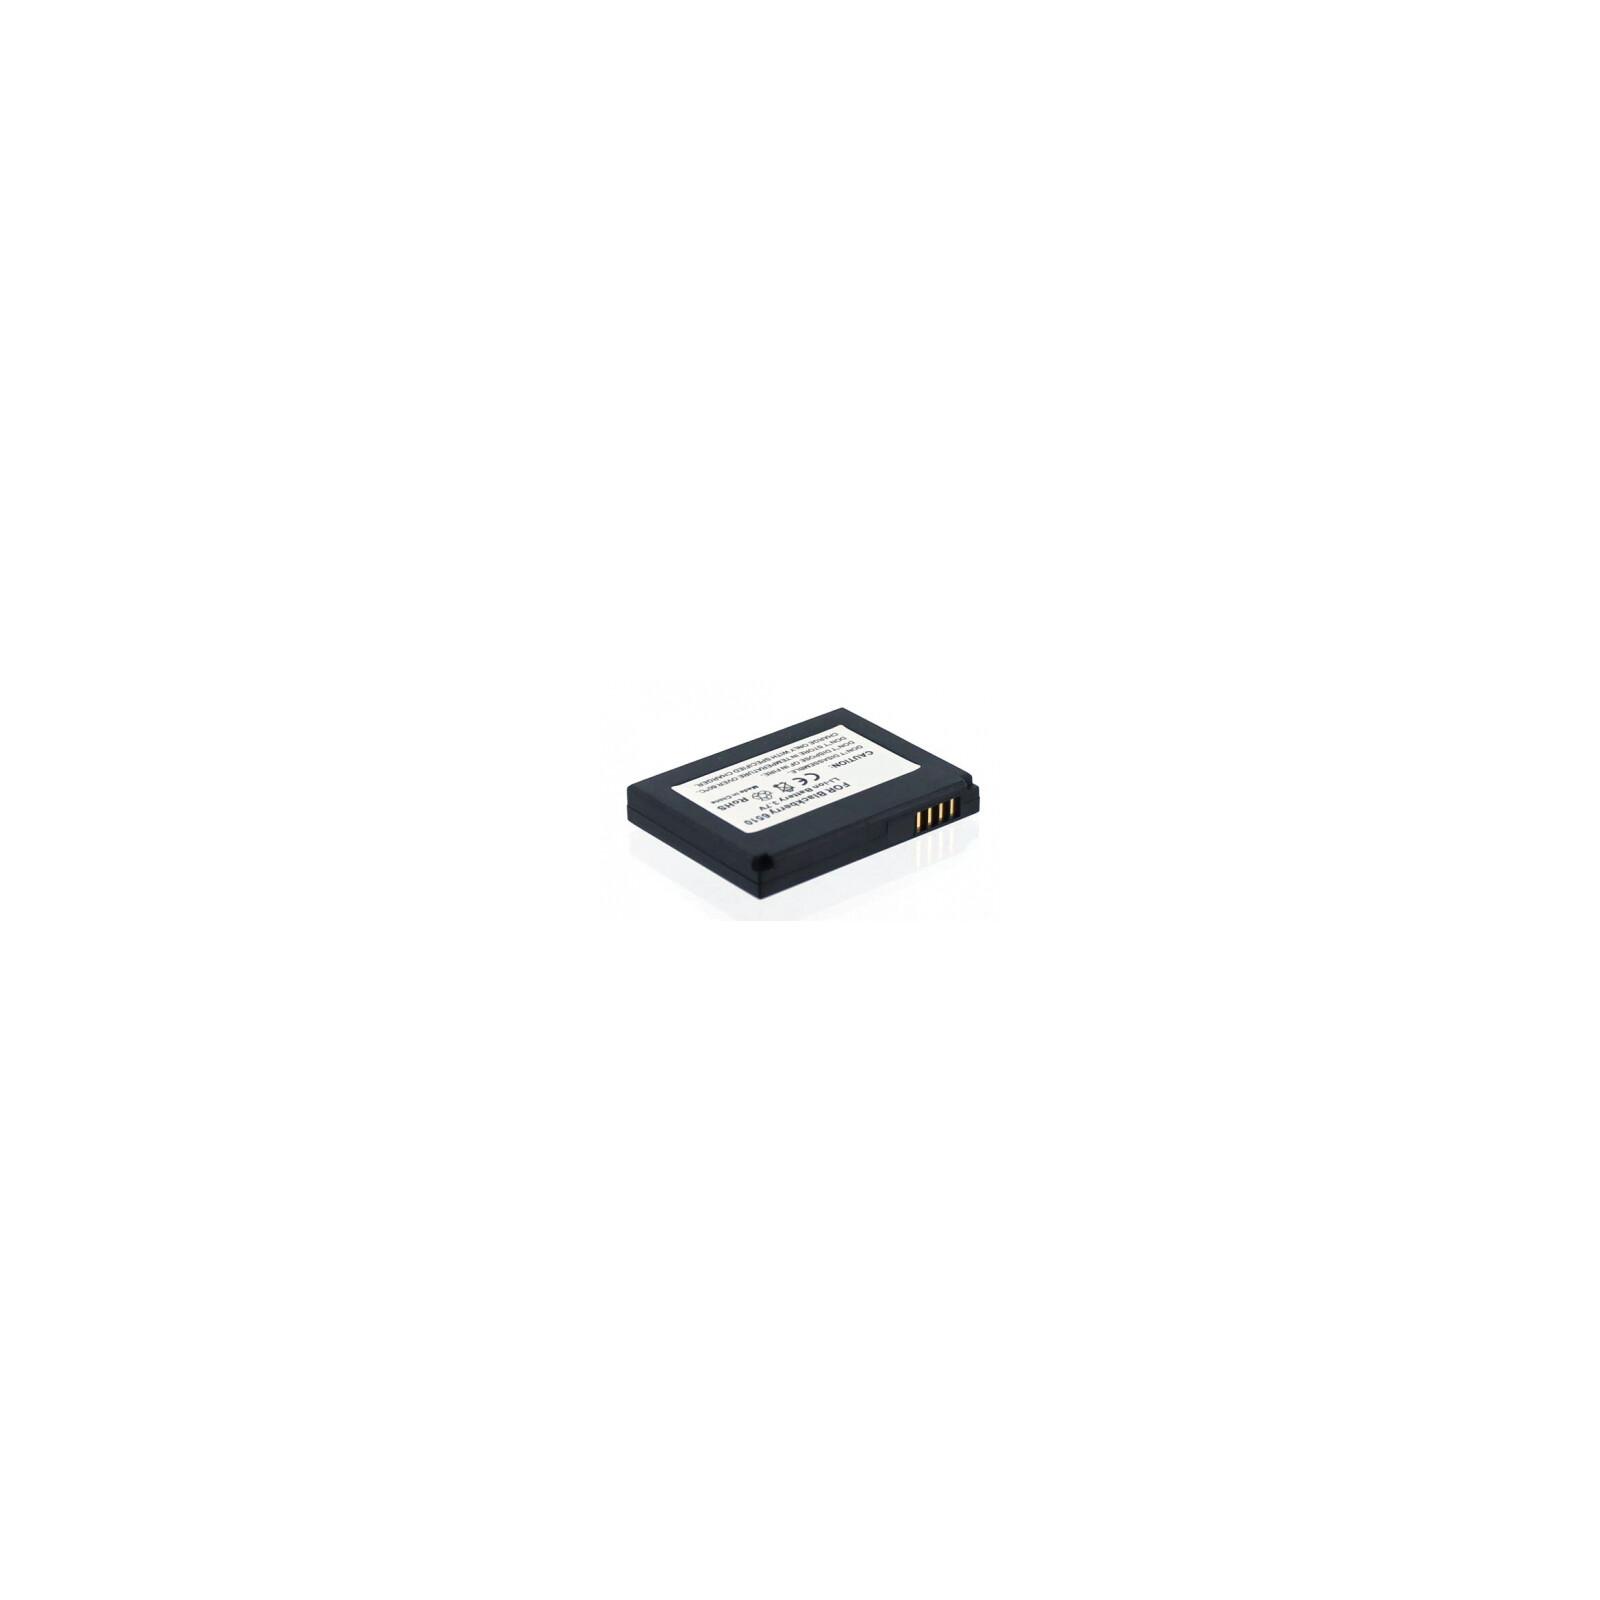 AGI Akku Blackberry Rim 7210 900mAh